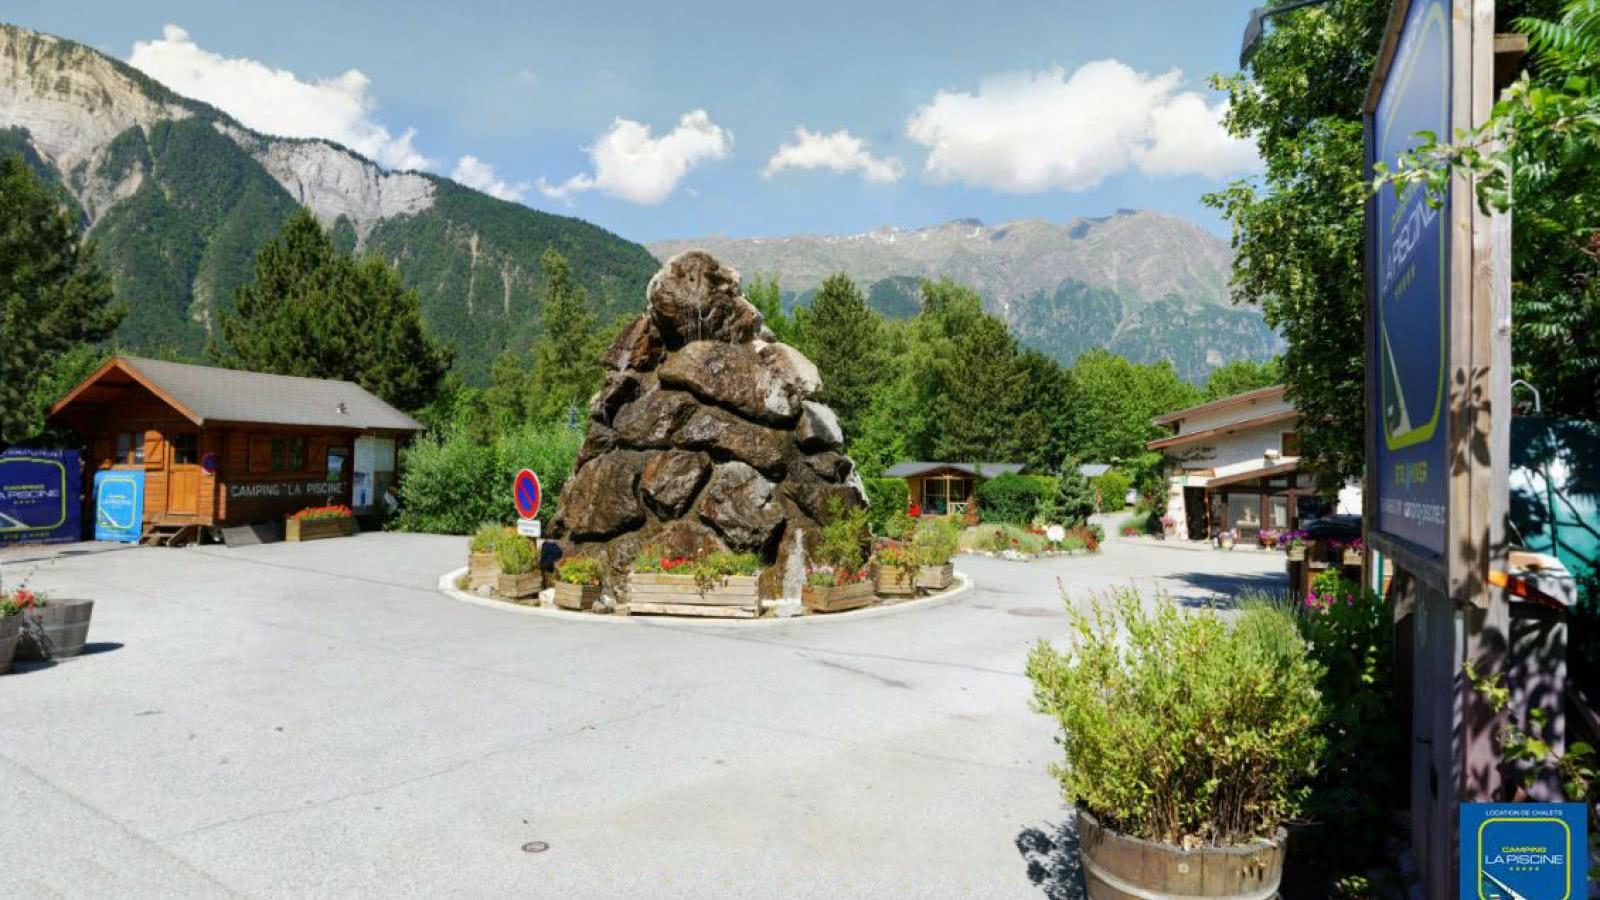 Camping de la Piscine Bourg d'Oisans